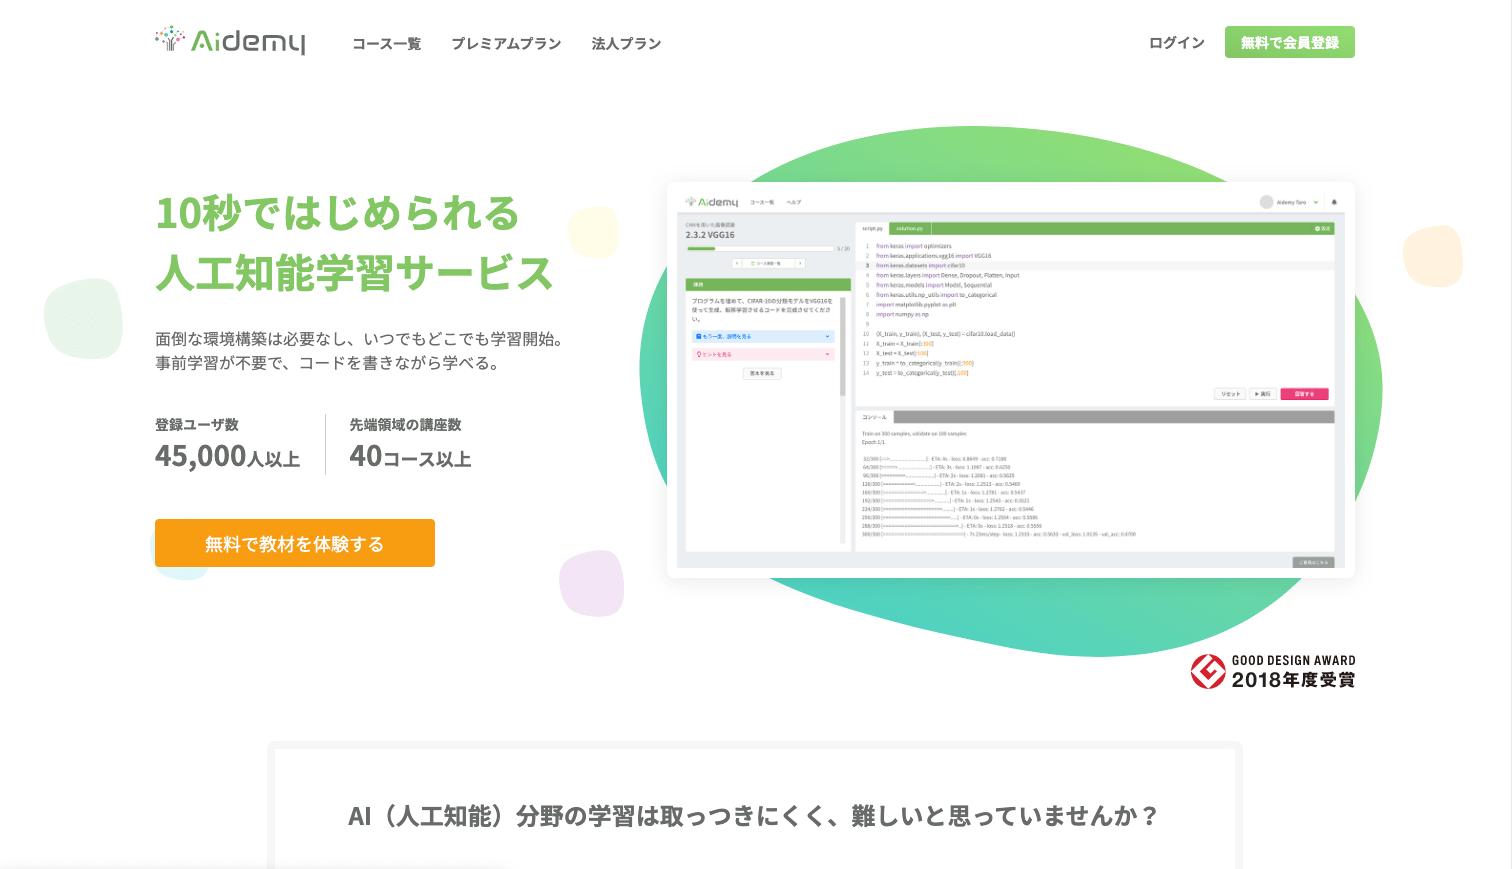 スクリーンショット 2020-02-07 16.34.49.png